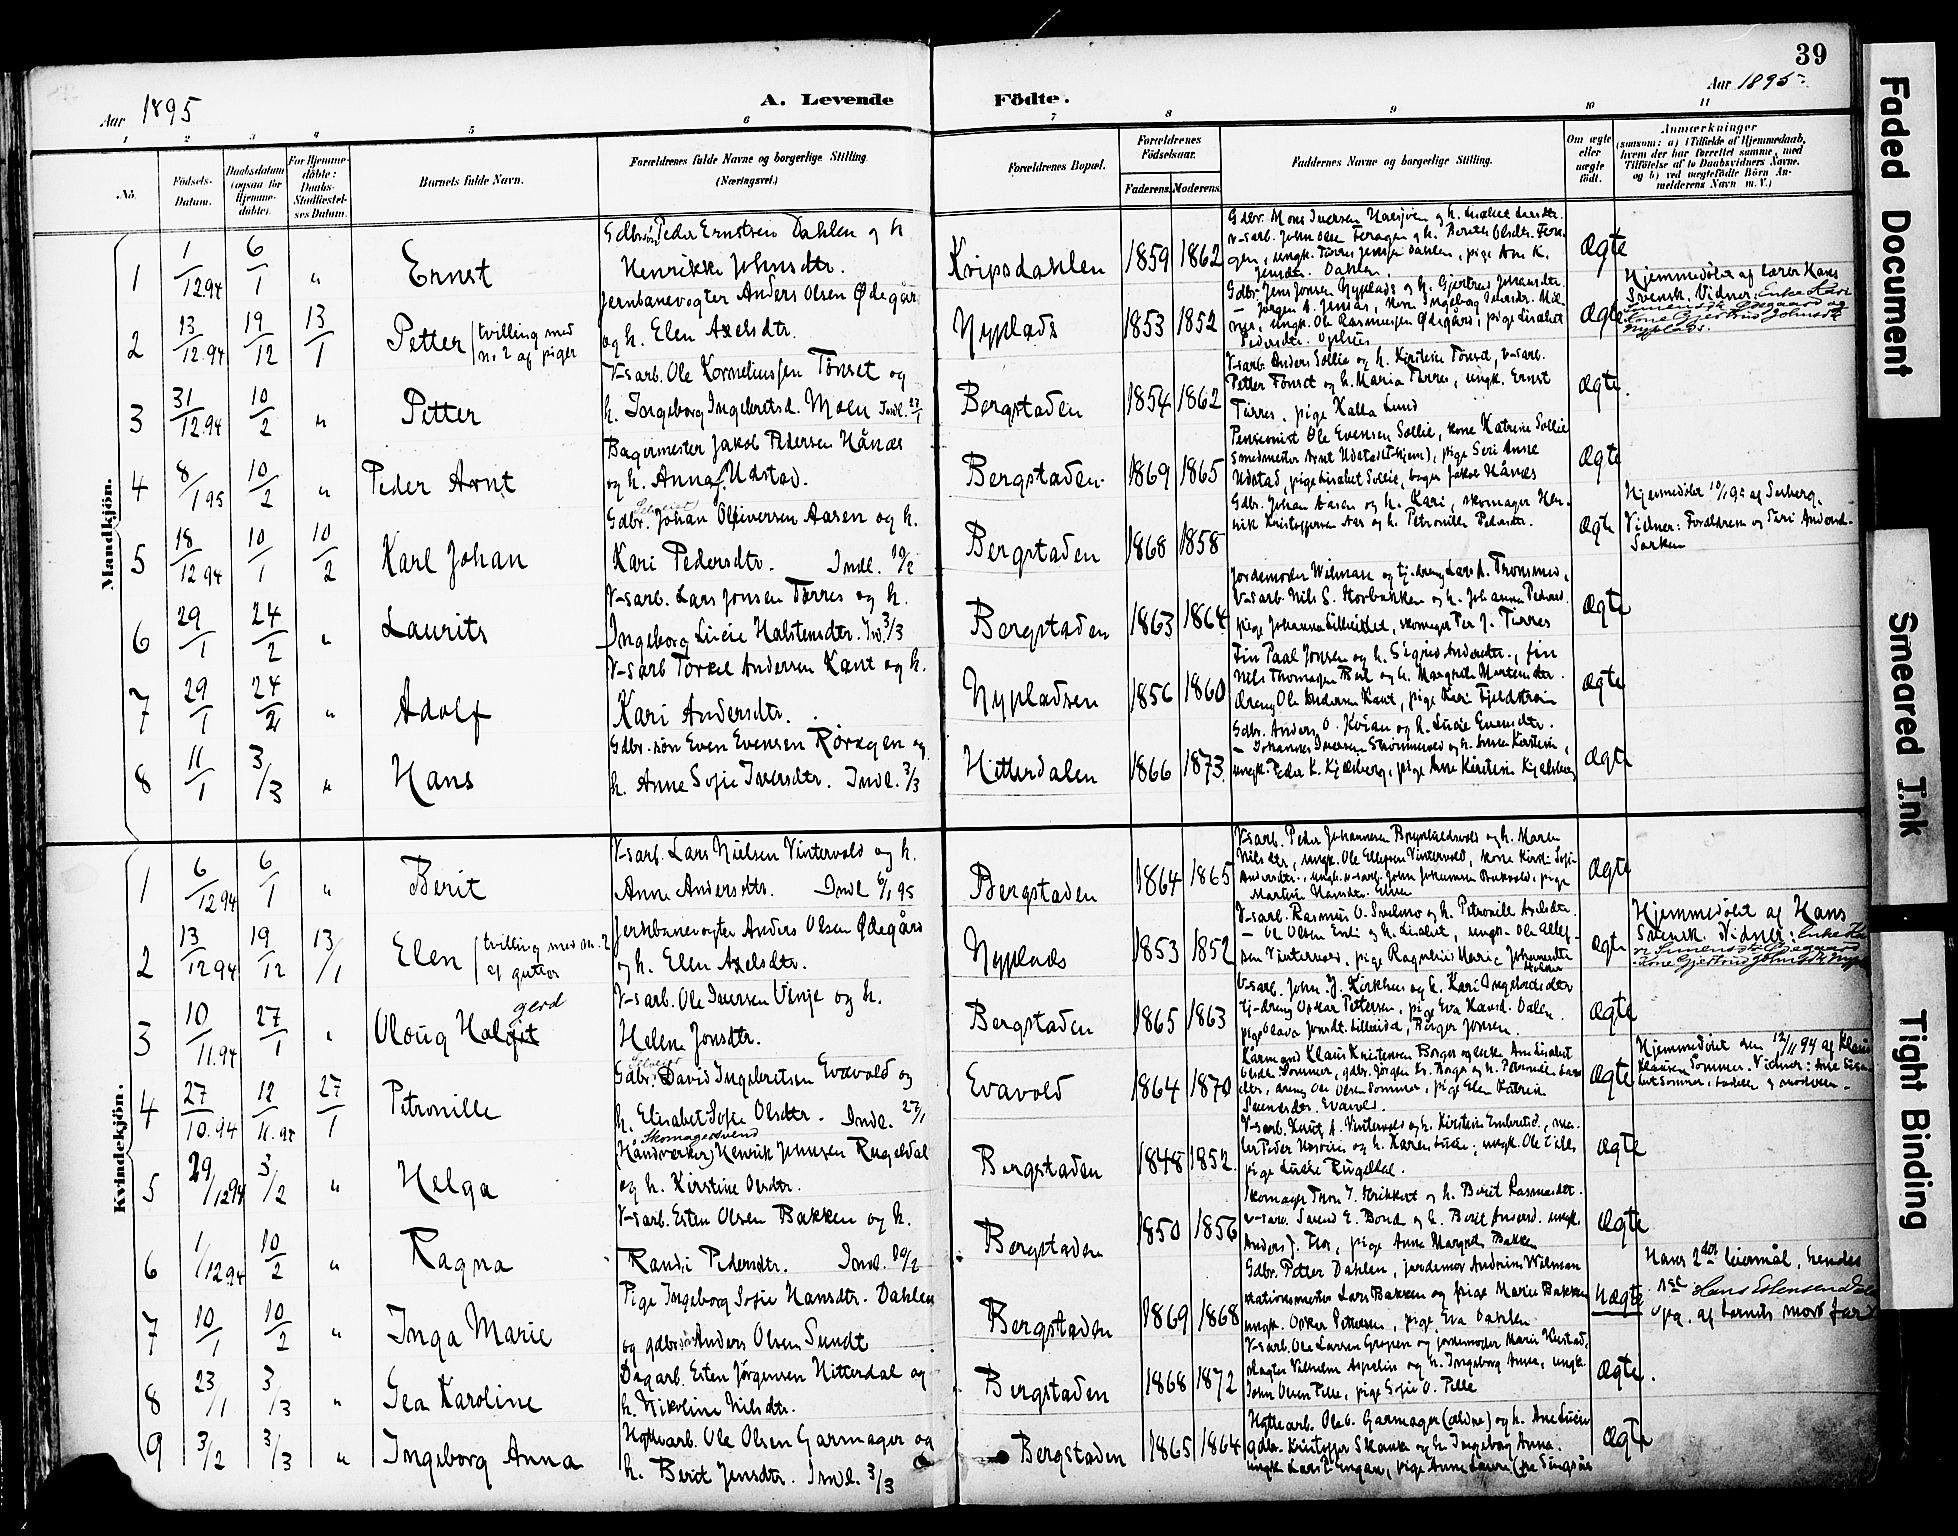 SAT, Ministerialprotokoller, klokkerbøker og fødselsregistre - Sør-Trøndelag, 681/L0935: Ministerialbok nr. 681A13, 1890-1898, s. 39